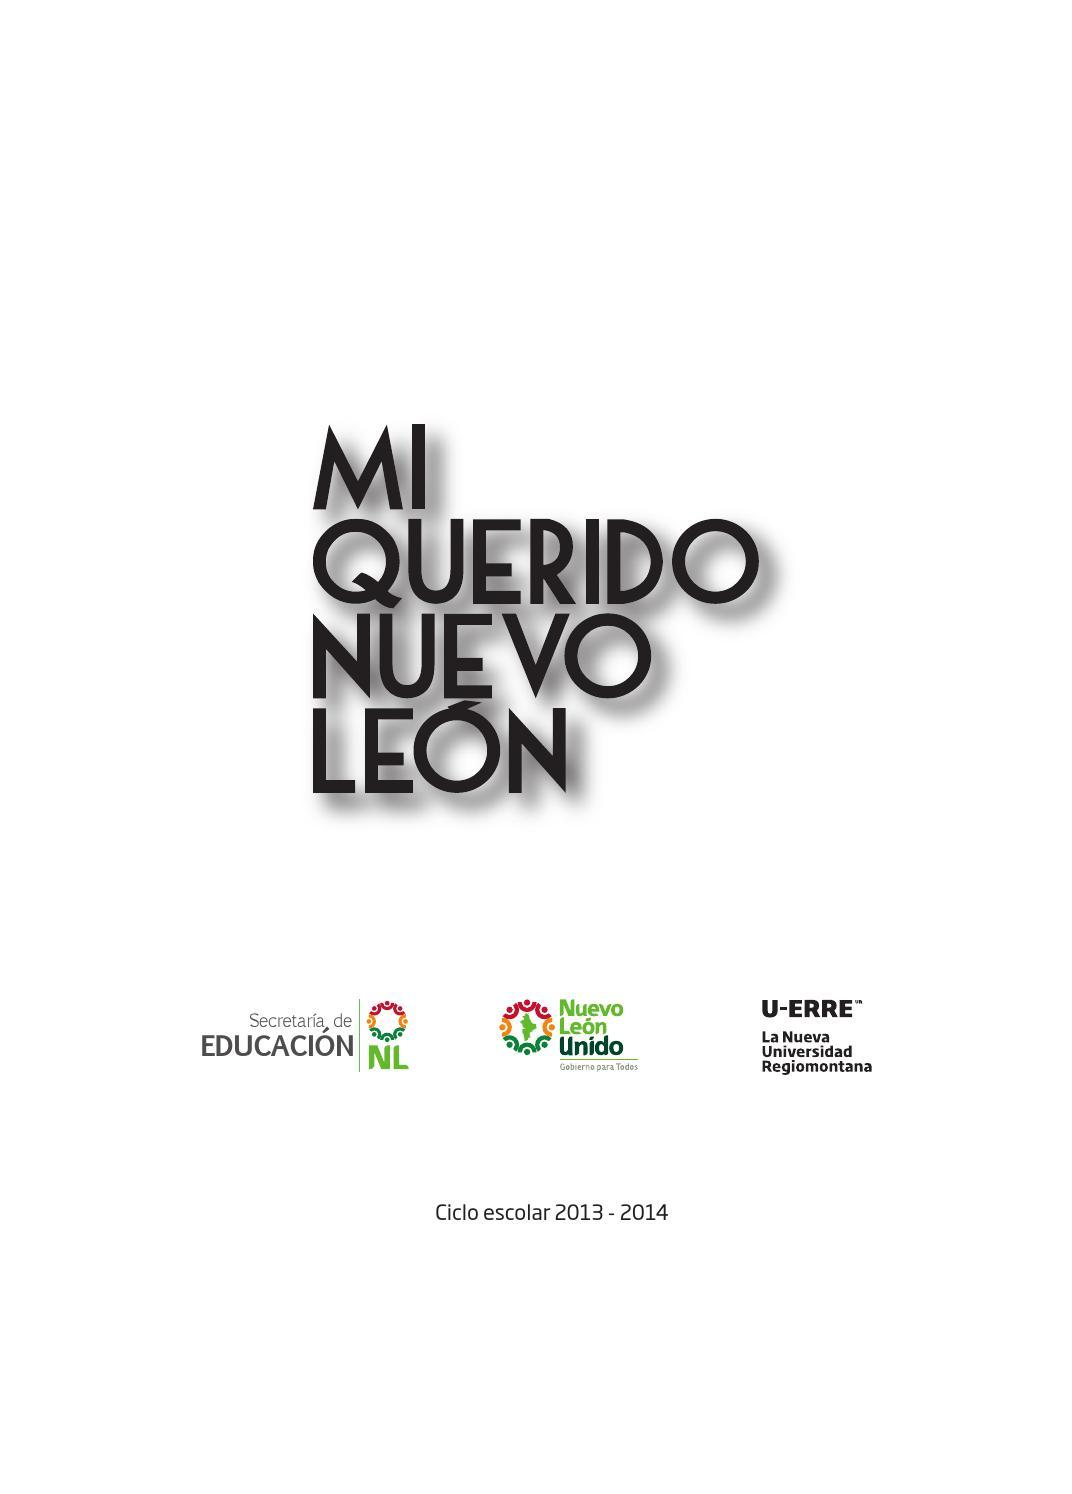 Mi querido Nuevo León by U-ERRE Universidad Regiomontana